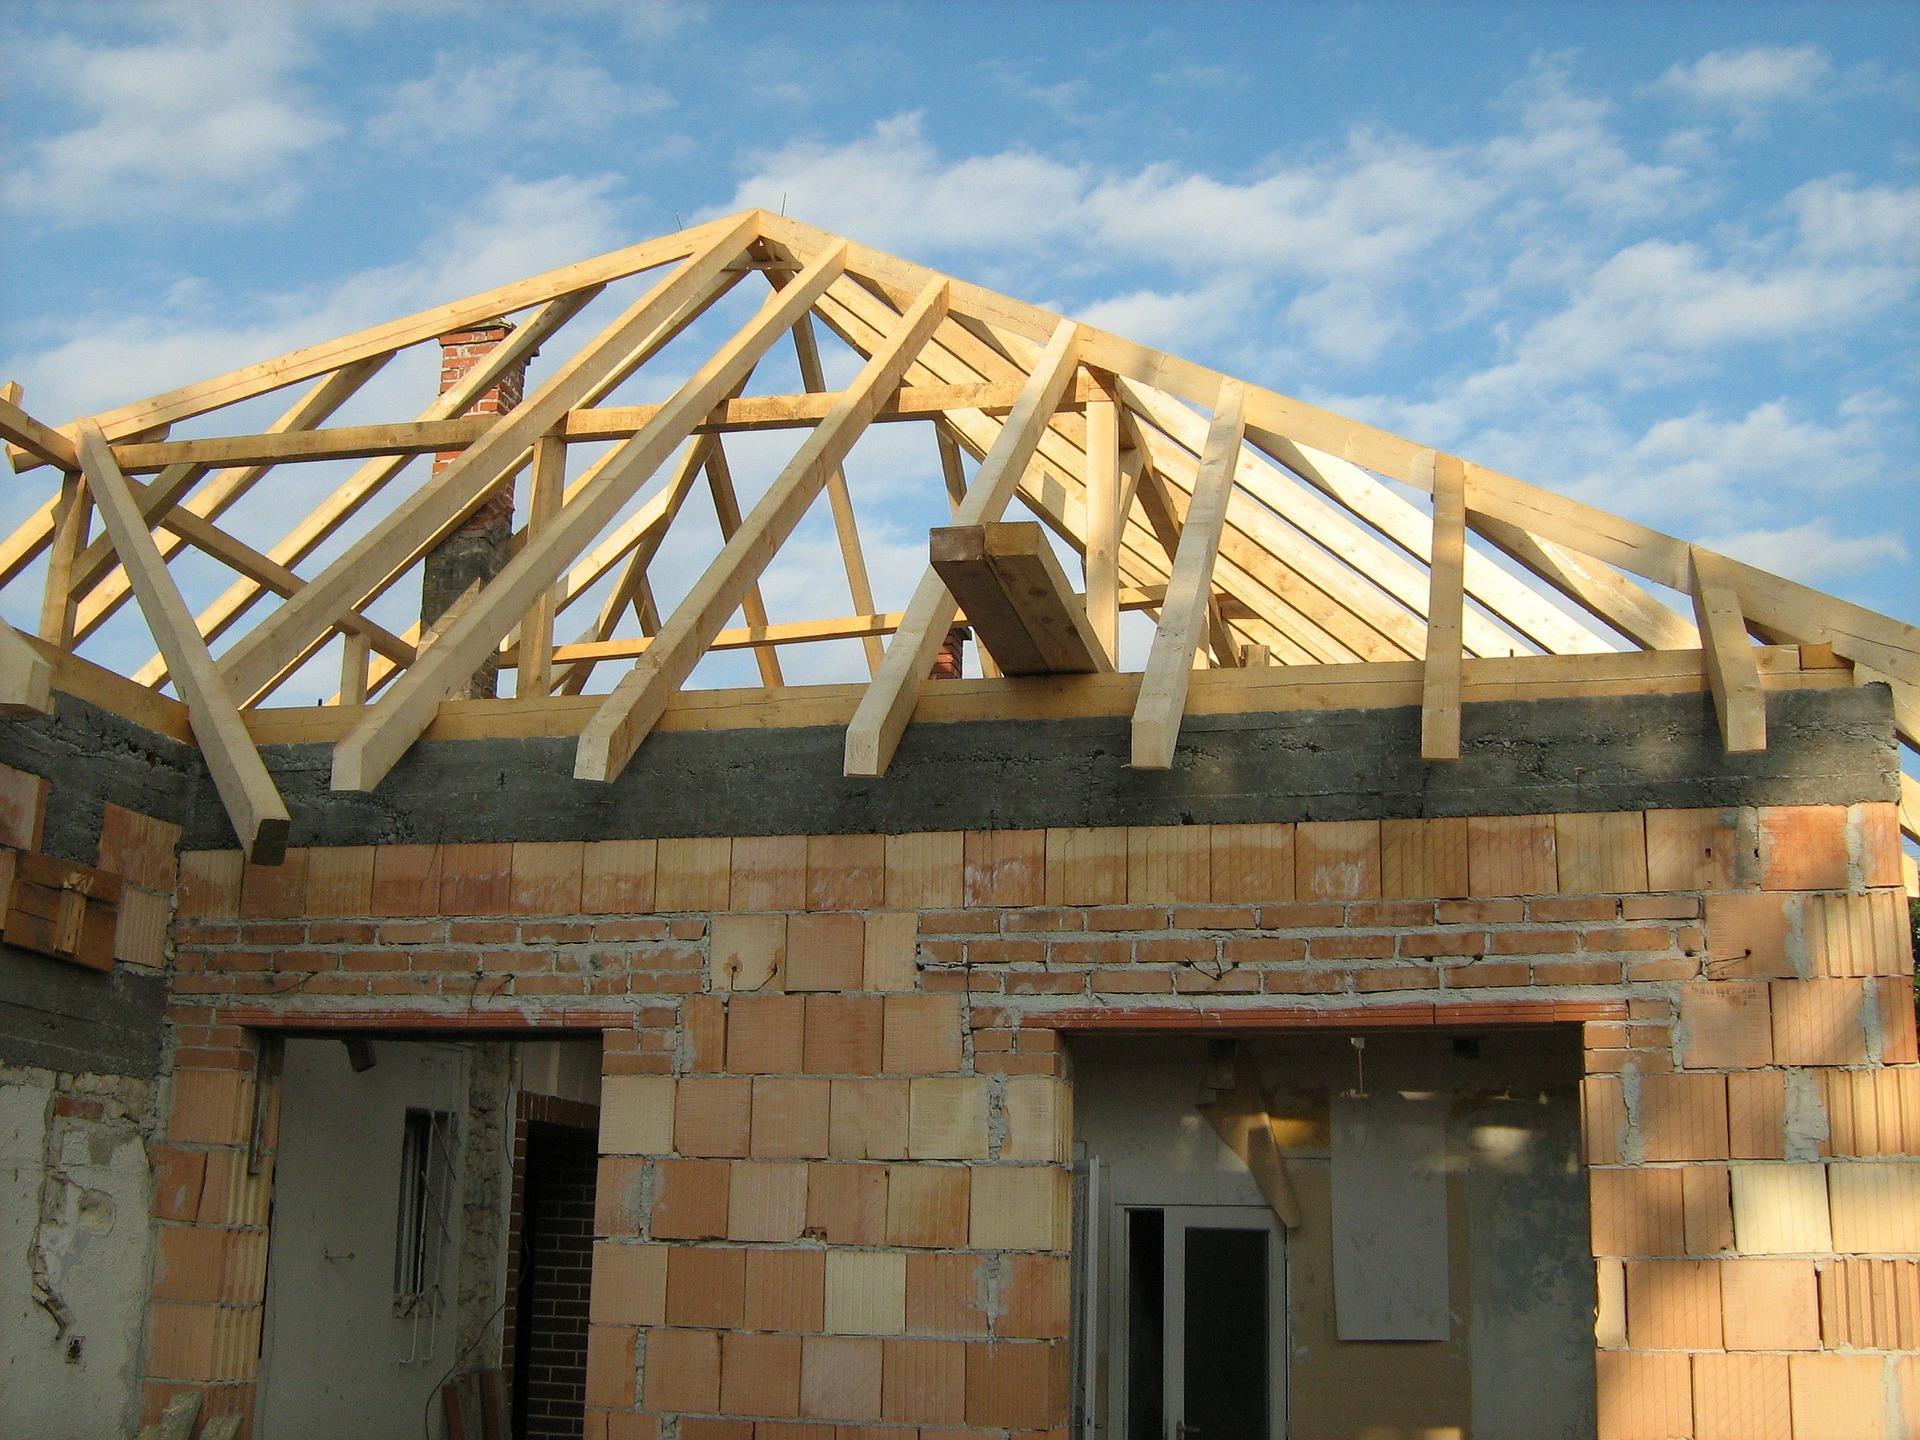 Baubegleitende Qualitätskontrolle von Handwerkerleistungen